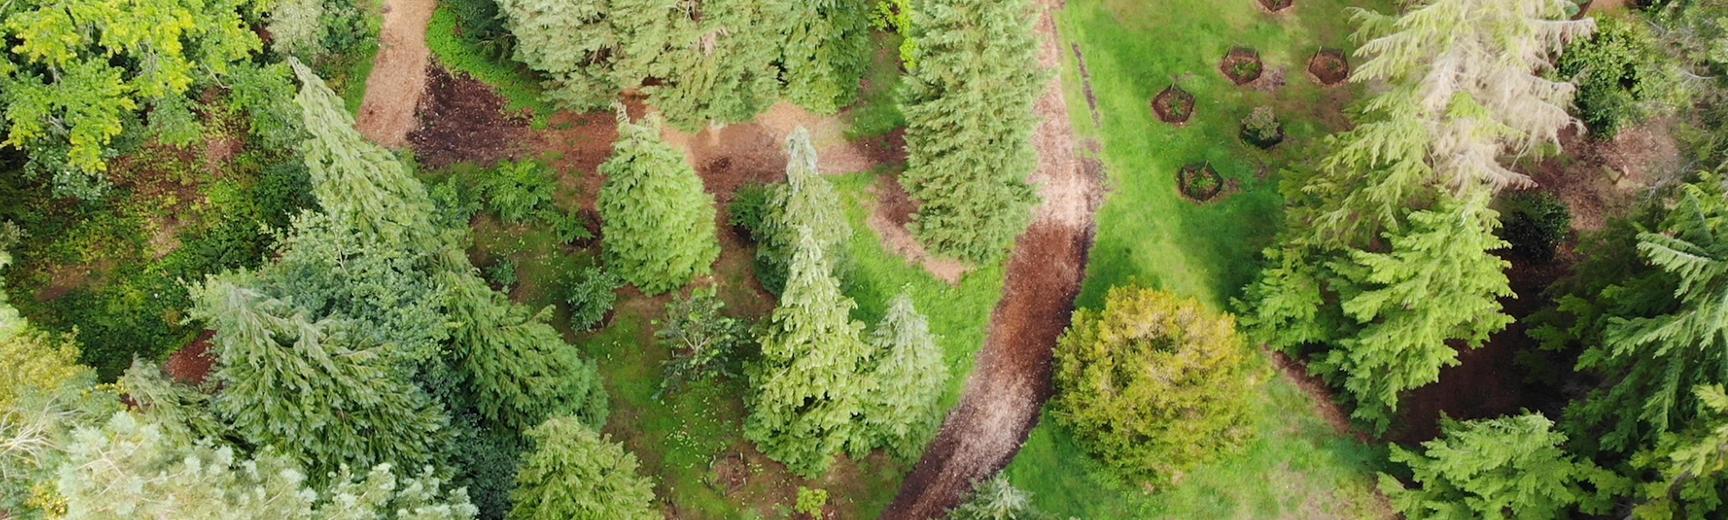 drone harcourt arboretum